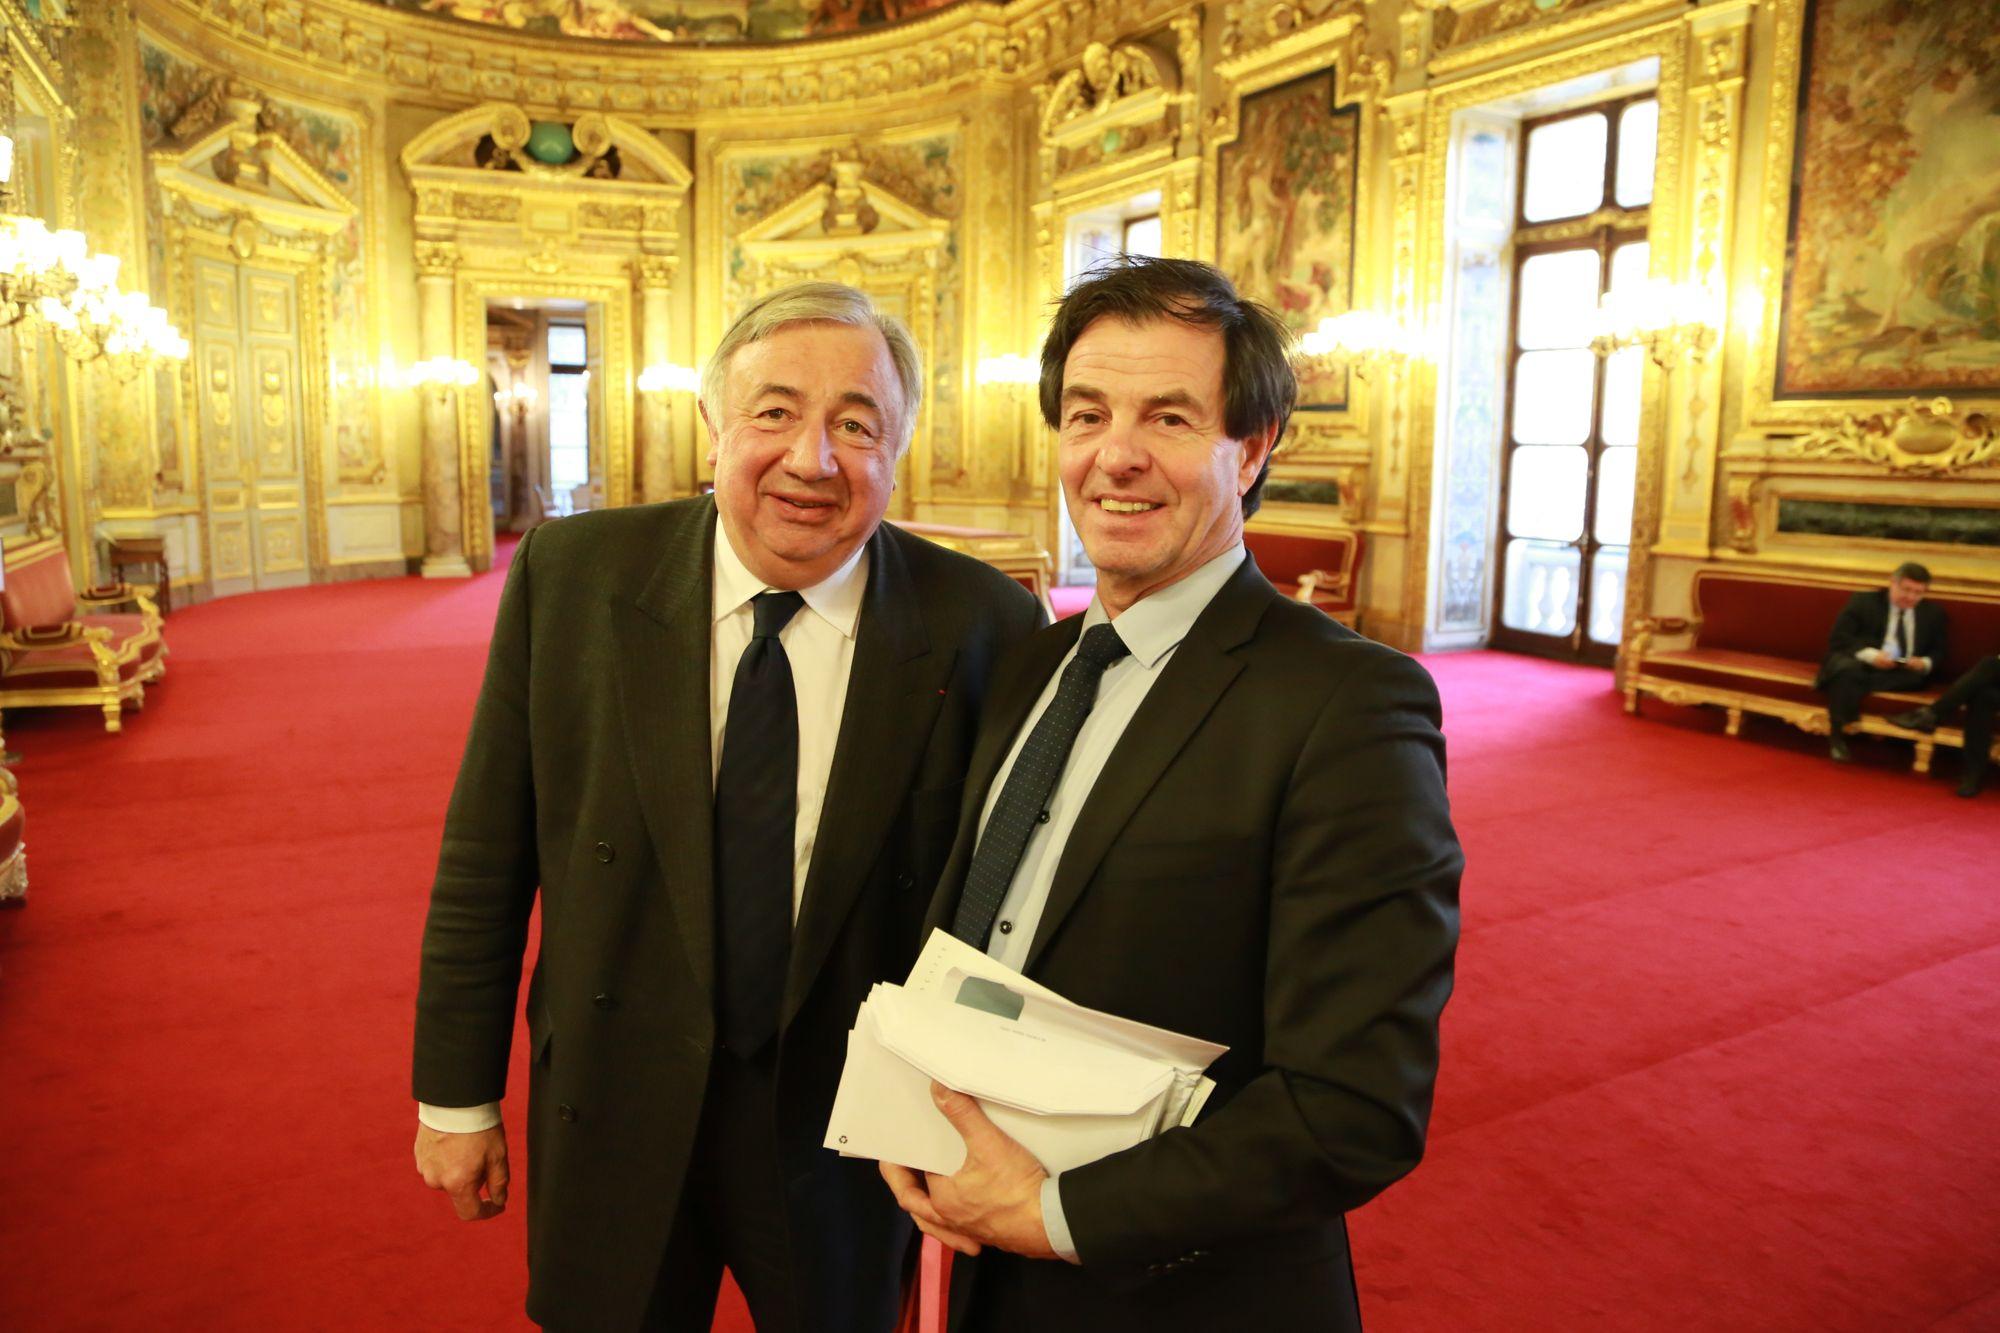 Climat tendu entre le sénateur Grosperrin et le préfet du Doubs